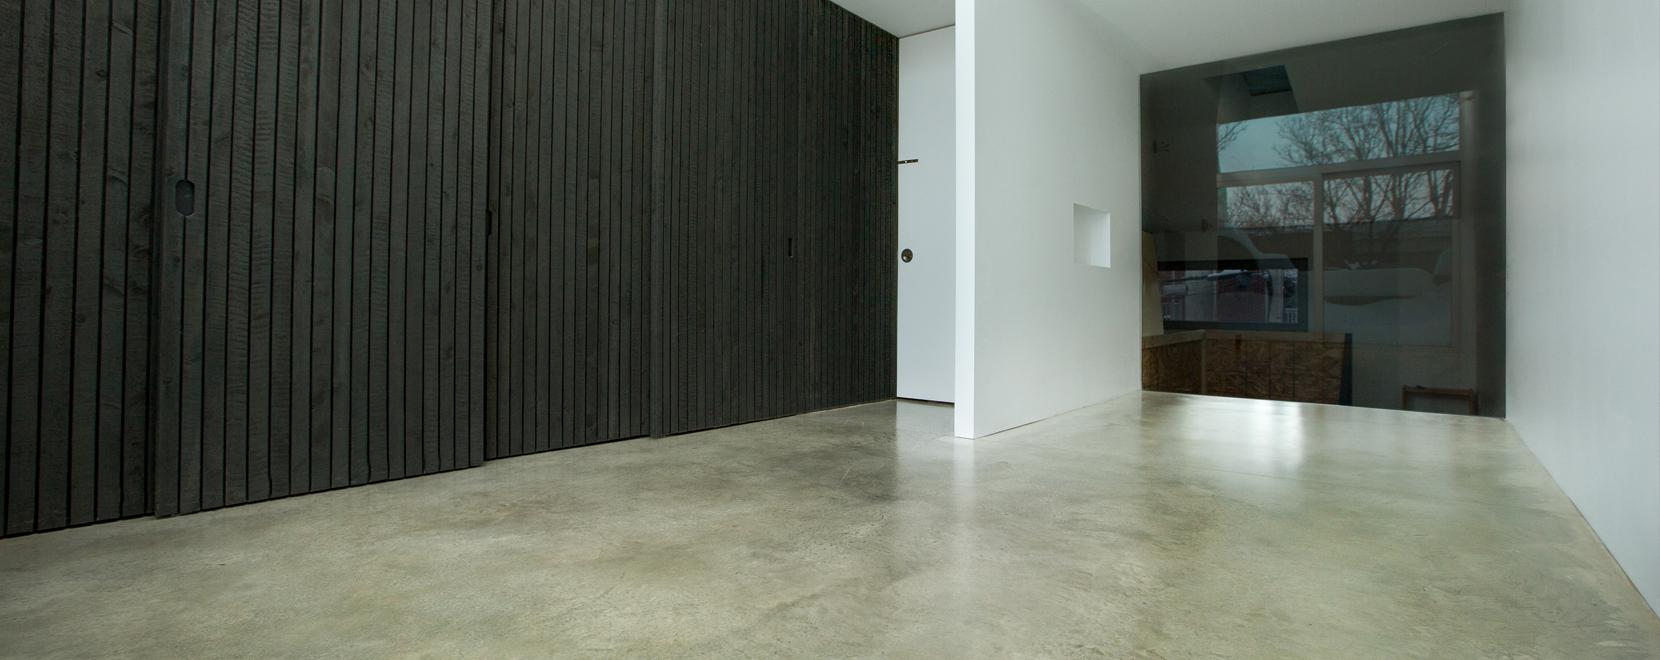 planb plancher et rev tement de b ton. Black Bedroom Furniture Sets. Home Design Ideas